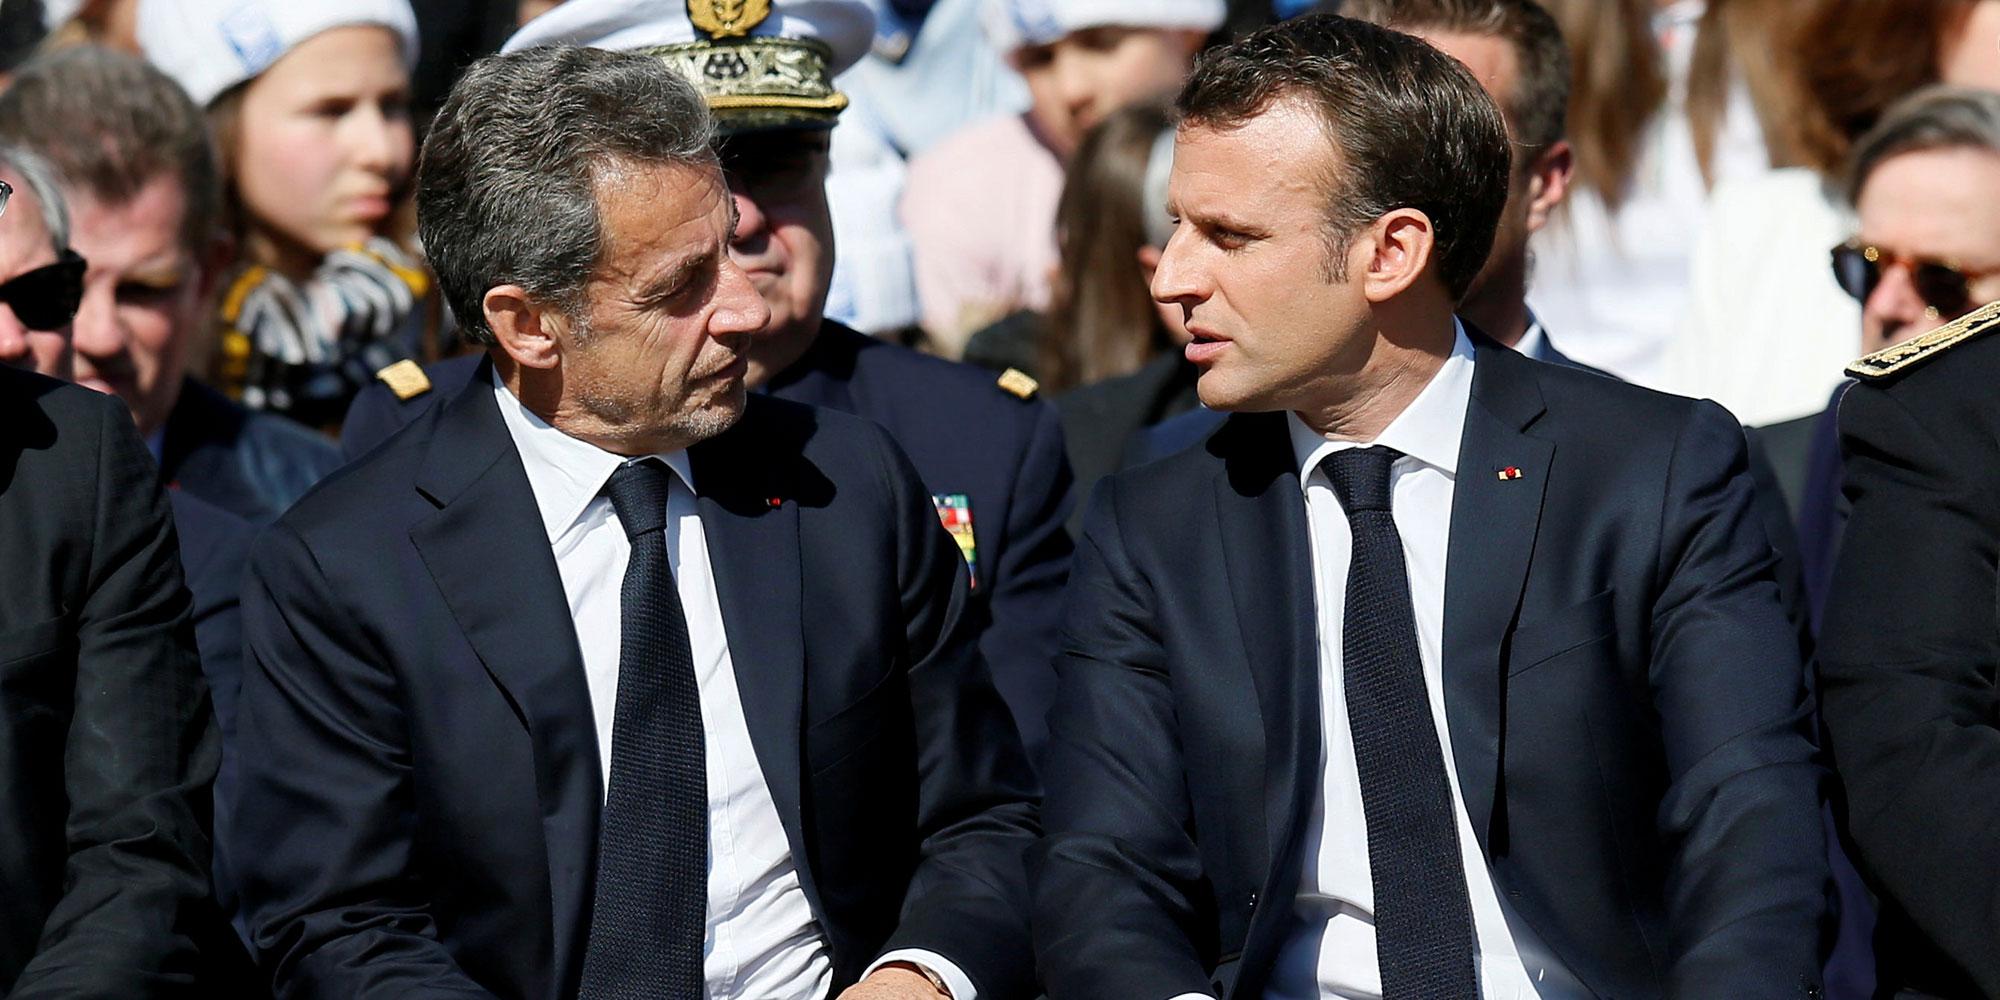 Présidentielle 2022: Xavier Bertrand a rencontré Nicolas Sarkozy